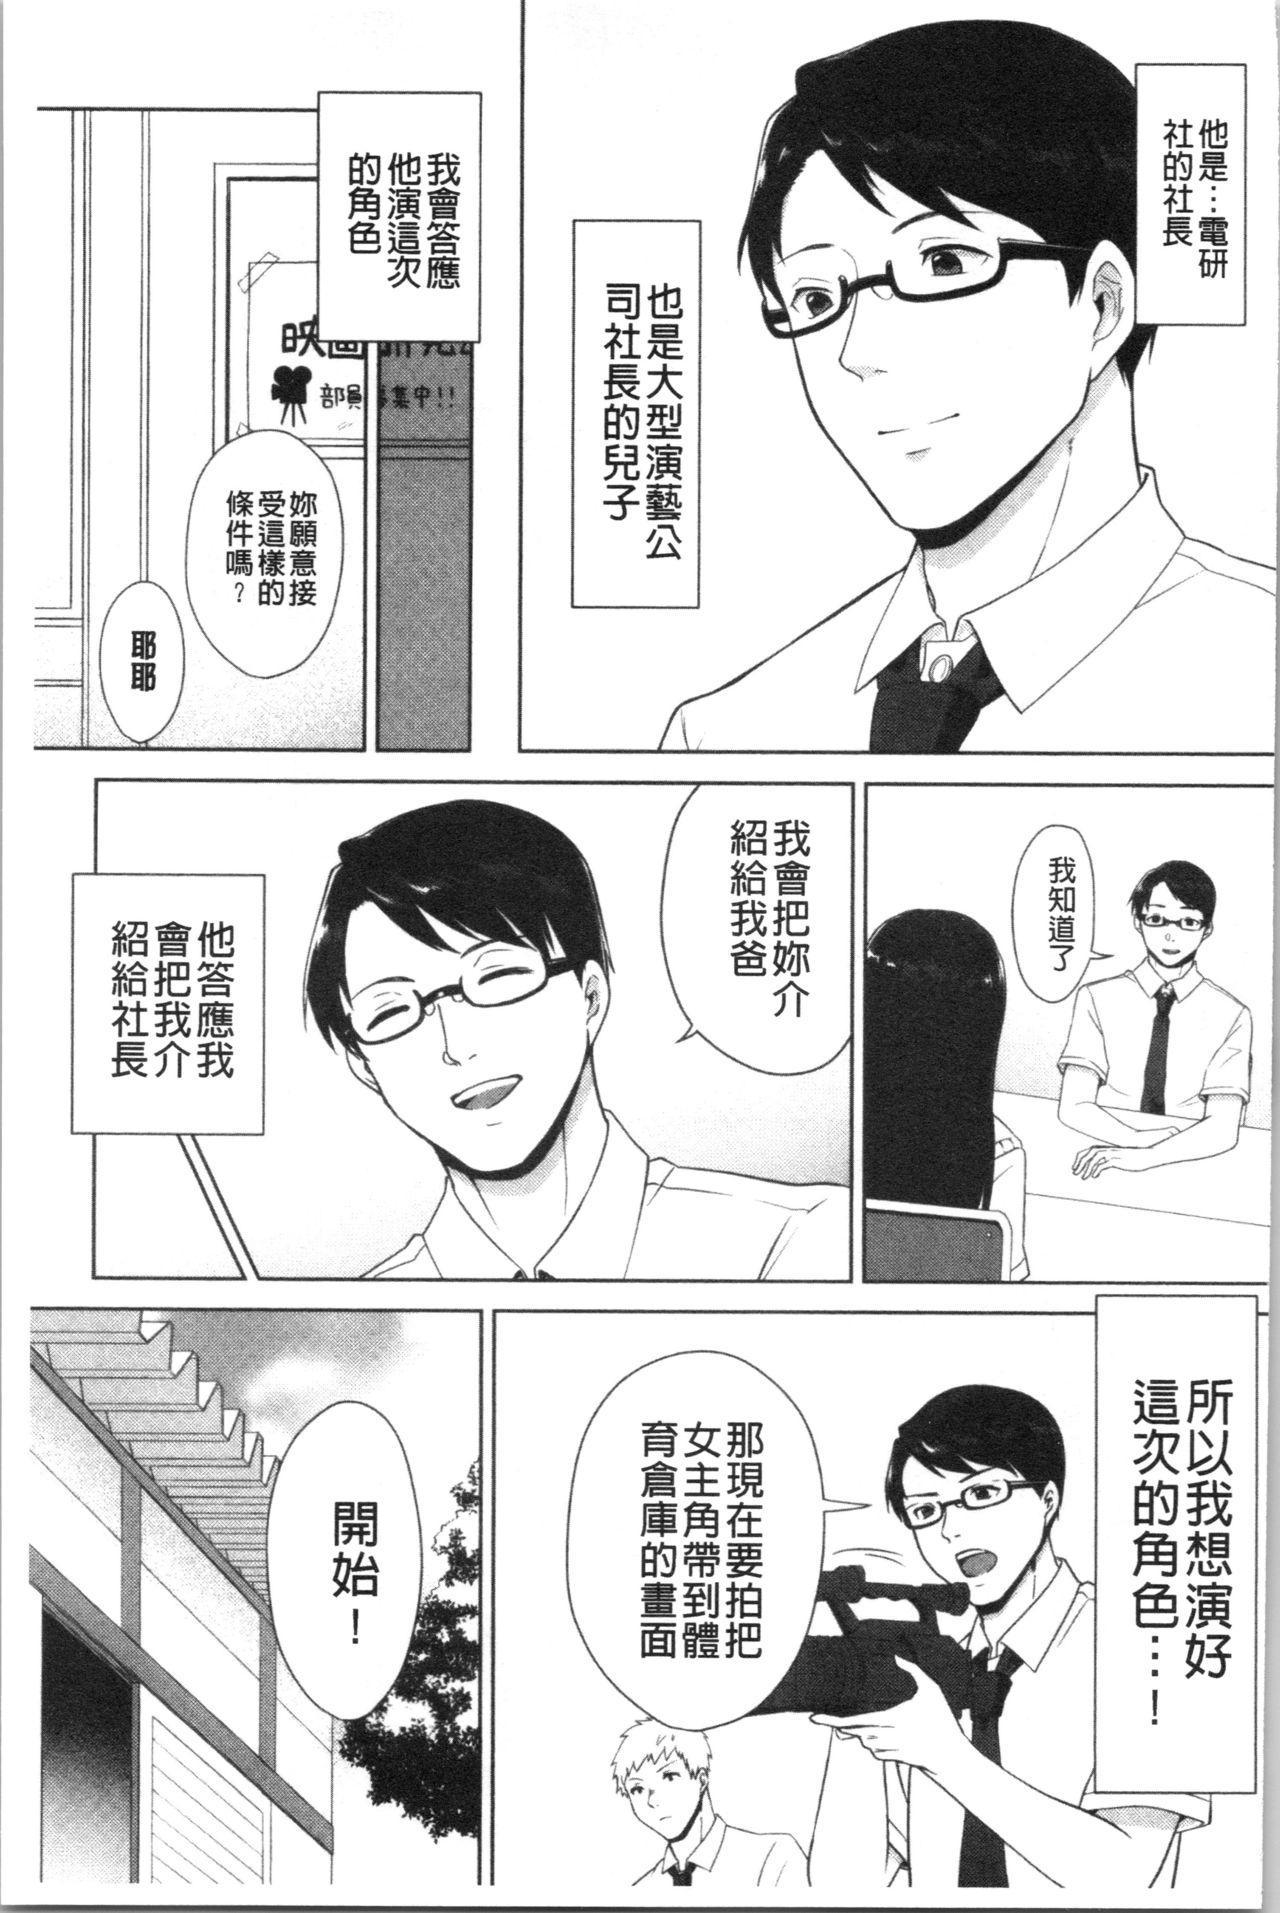 #Echi Echi Joshi to Tsunagaritai | #好色淫蕩女子想和她搞一下 181